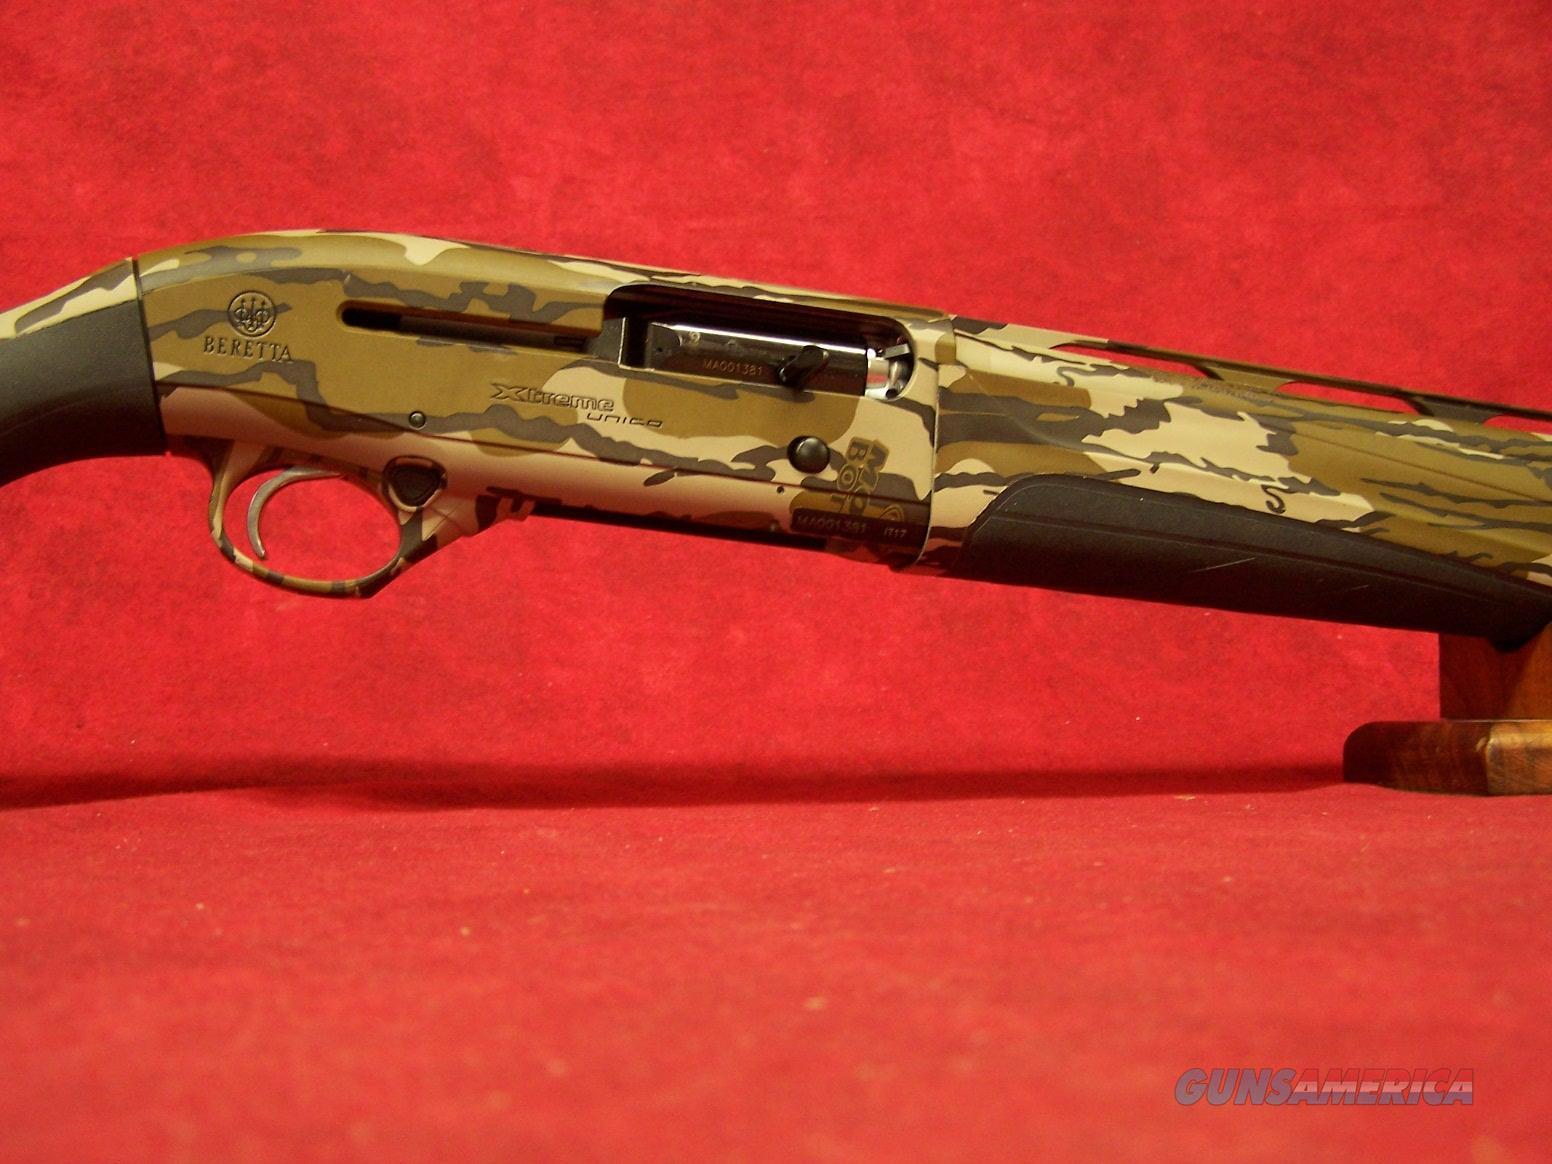 """Beretta A400 Xtreme Ko Shotgun 12ga 28"""" Barrel 3 1/2""""  Bottomland Camo (JS40X08)  Guns > Shotguns > Beretta Shotguns > Autoloaders > Hunting"""